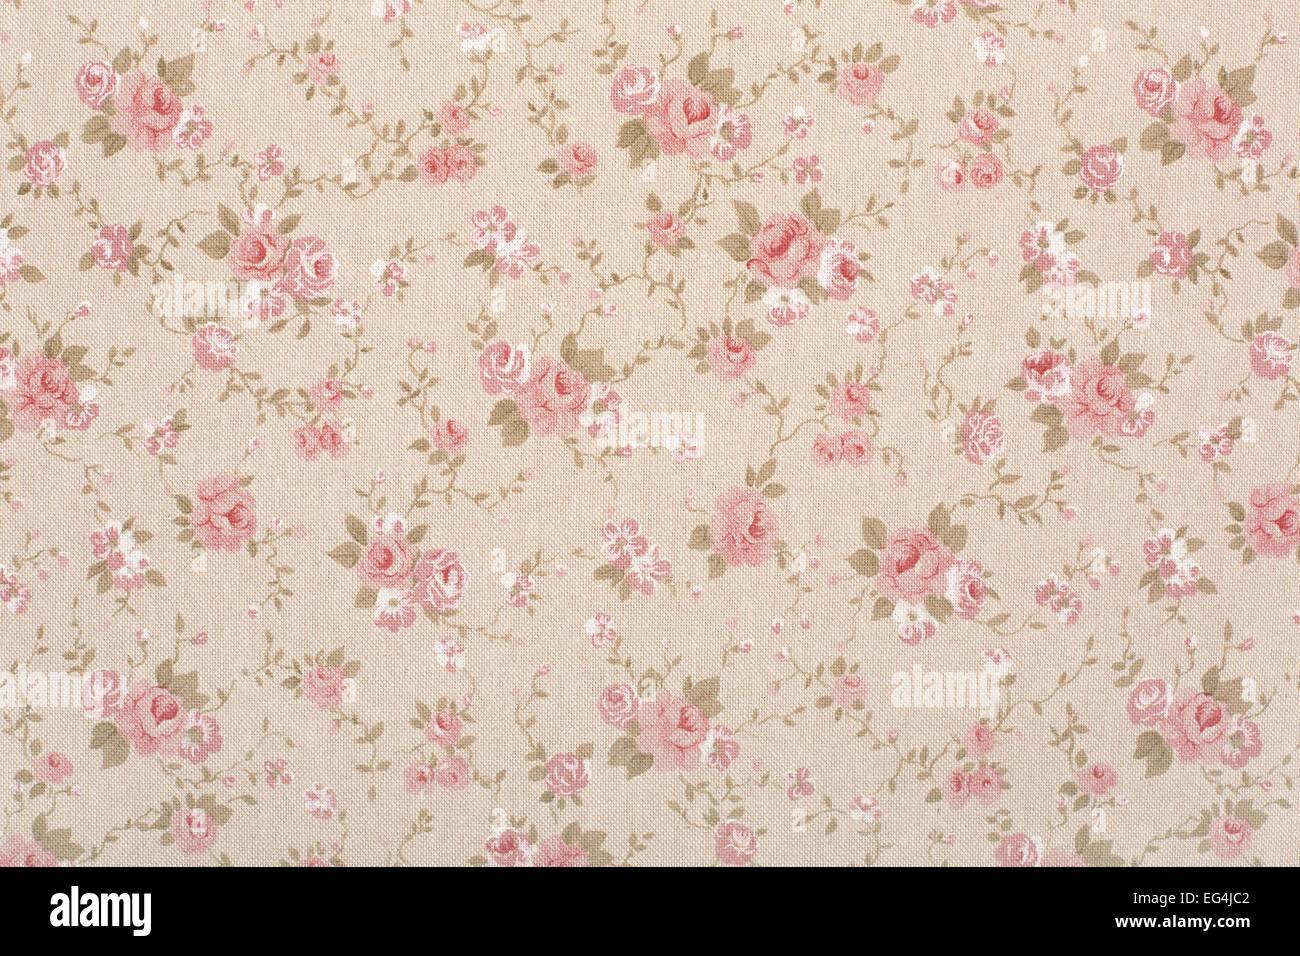 rose floral tapete muster romantische textur hintergrund - Tapeten Mit Muster